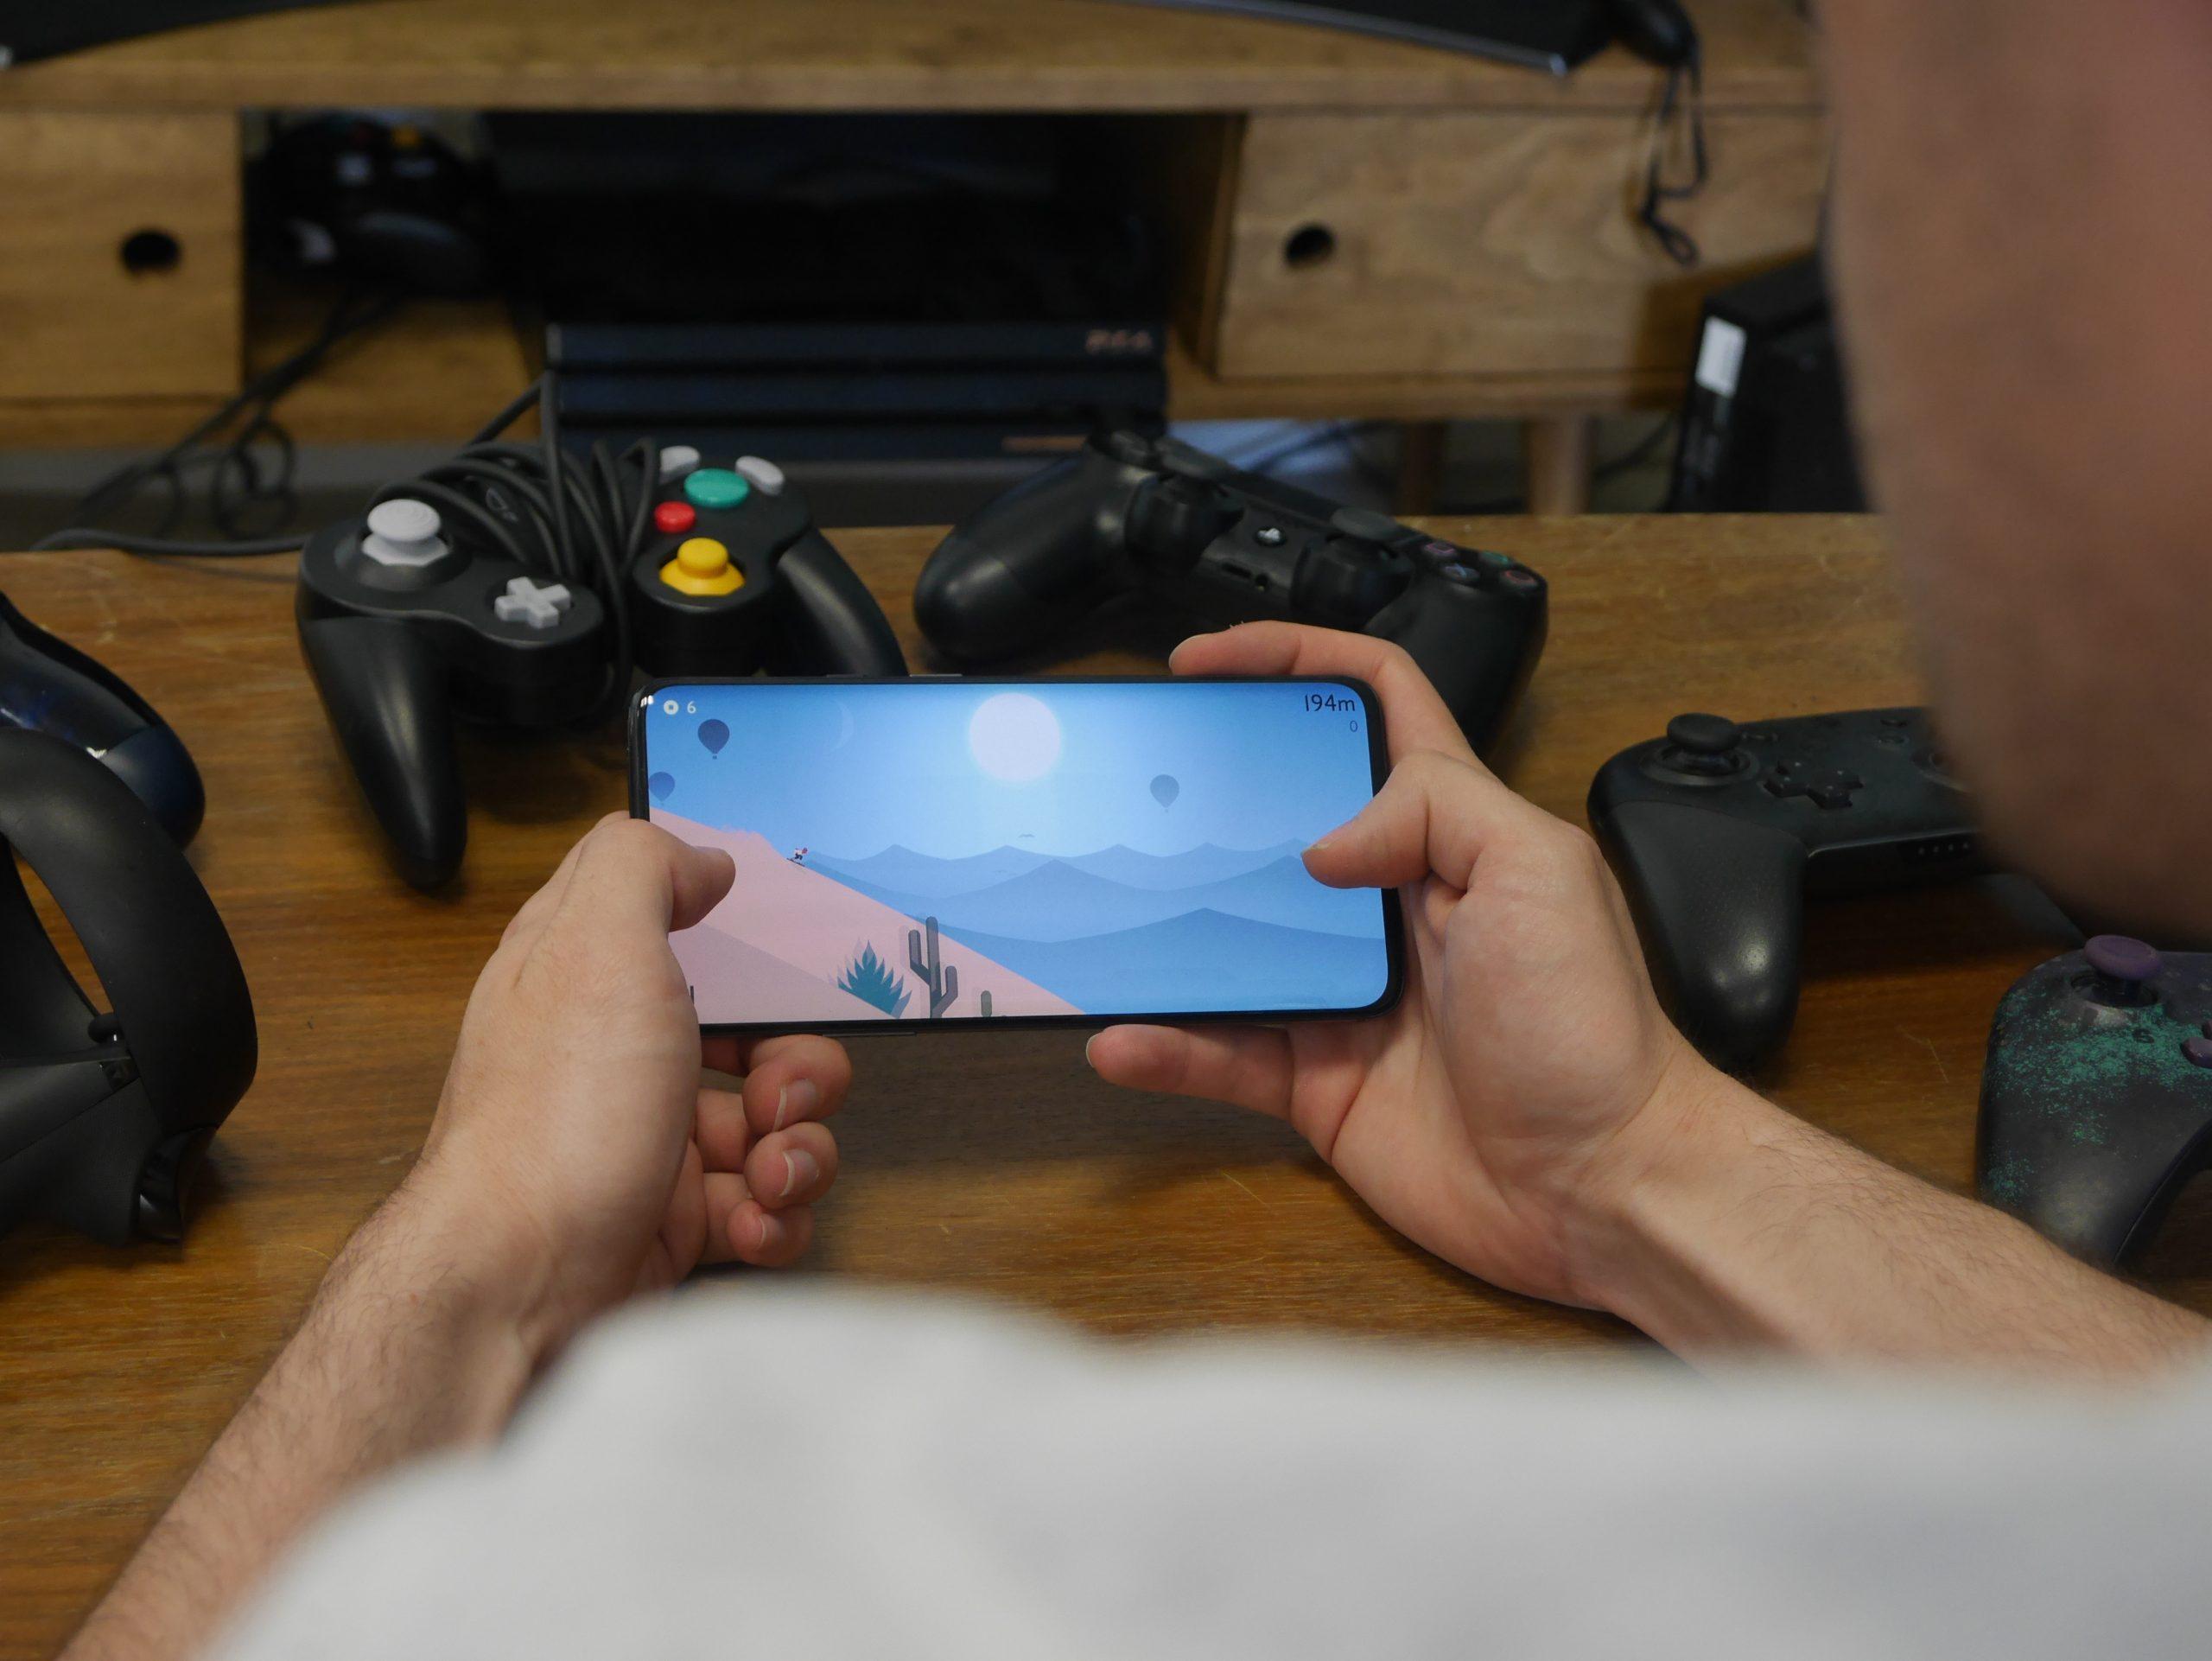 Les Meilleurs Jeux Gratuits Sur Android En 2020 destiné Jeu De Brique Gratuit